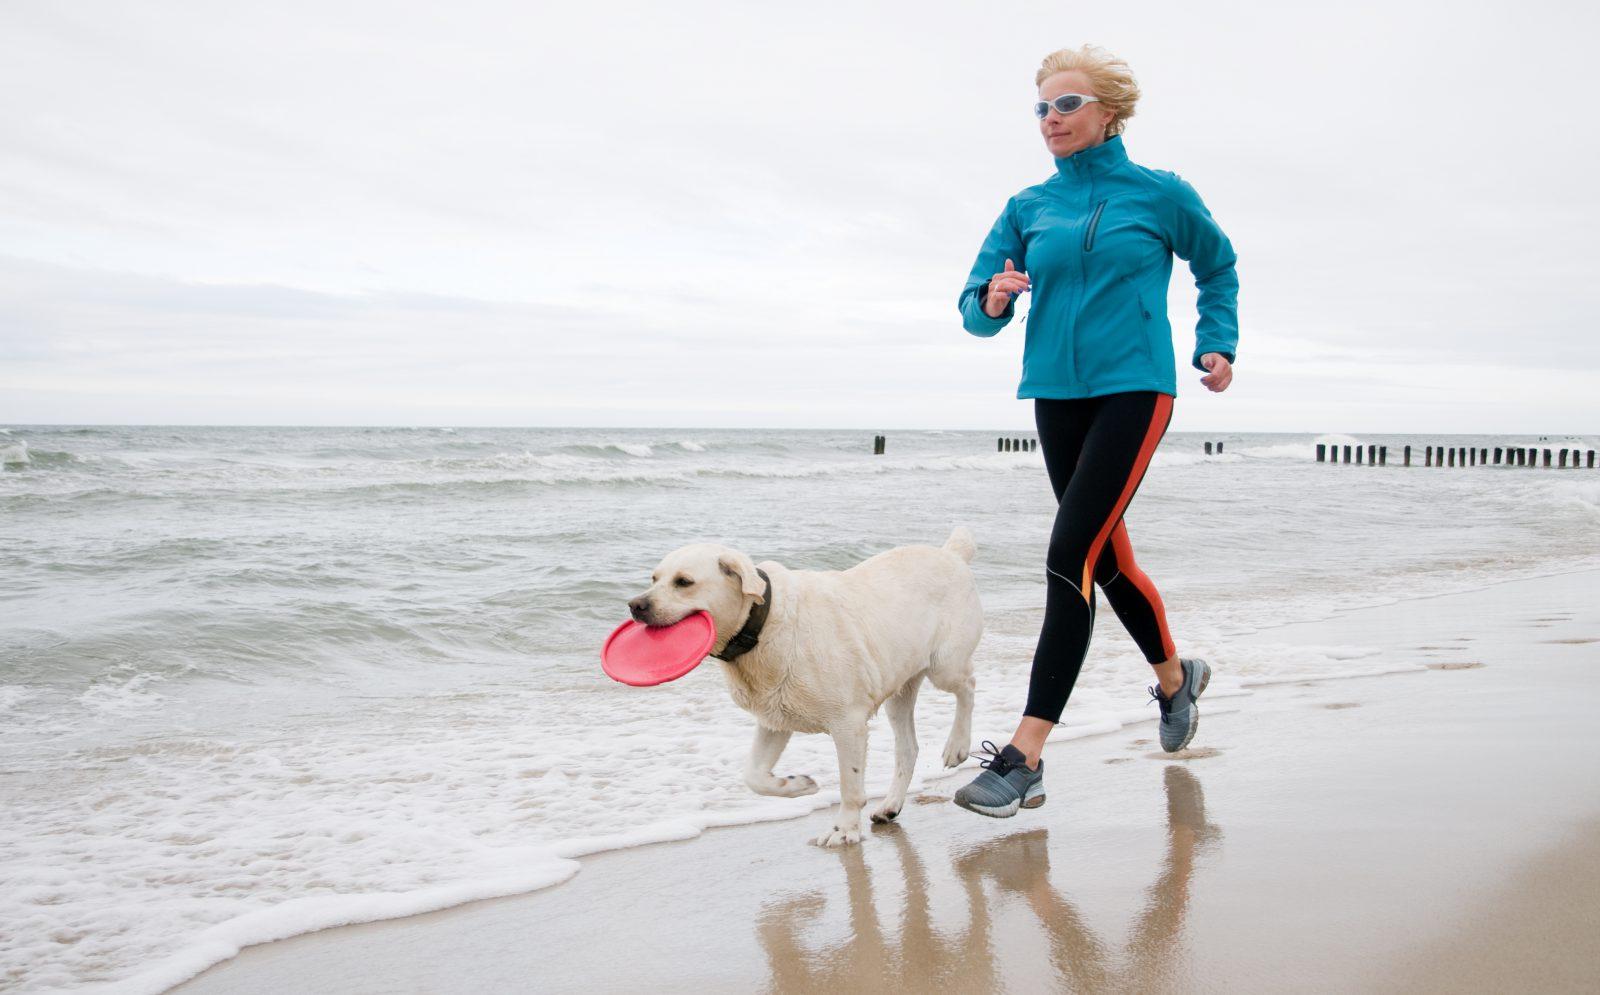 Brinquedo para cachorro idoso: Cachorro correndo na praia com seu dono, uma boa brincadeira de frisbee é tão bom quanto se ele estiver disposto e apto para isso.